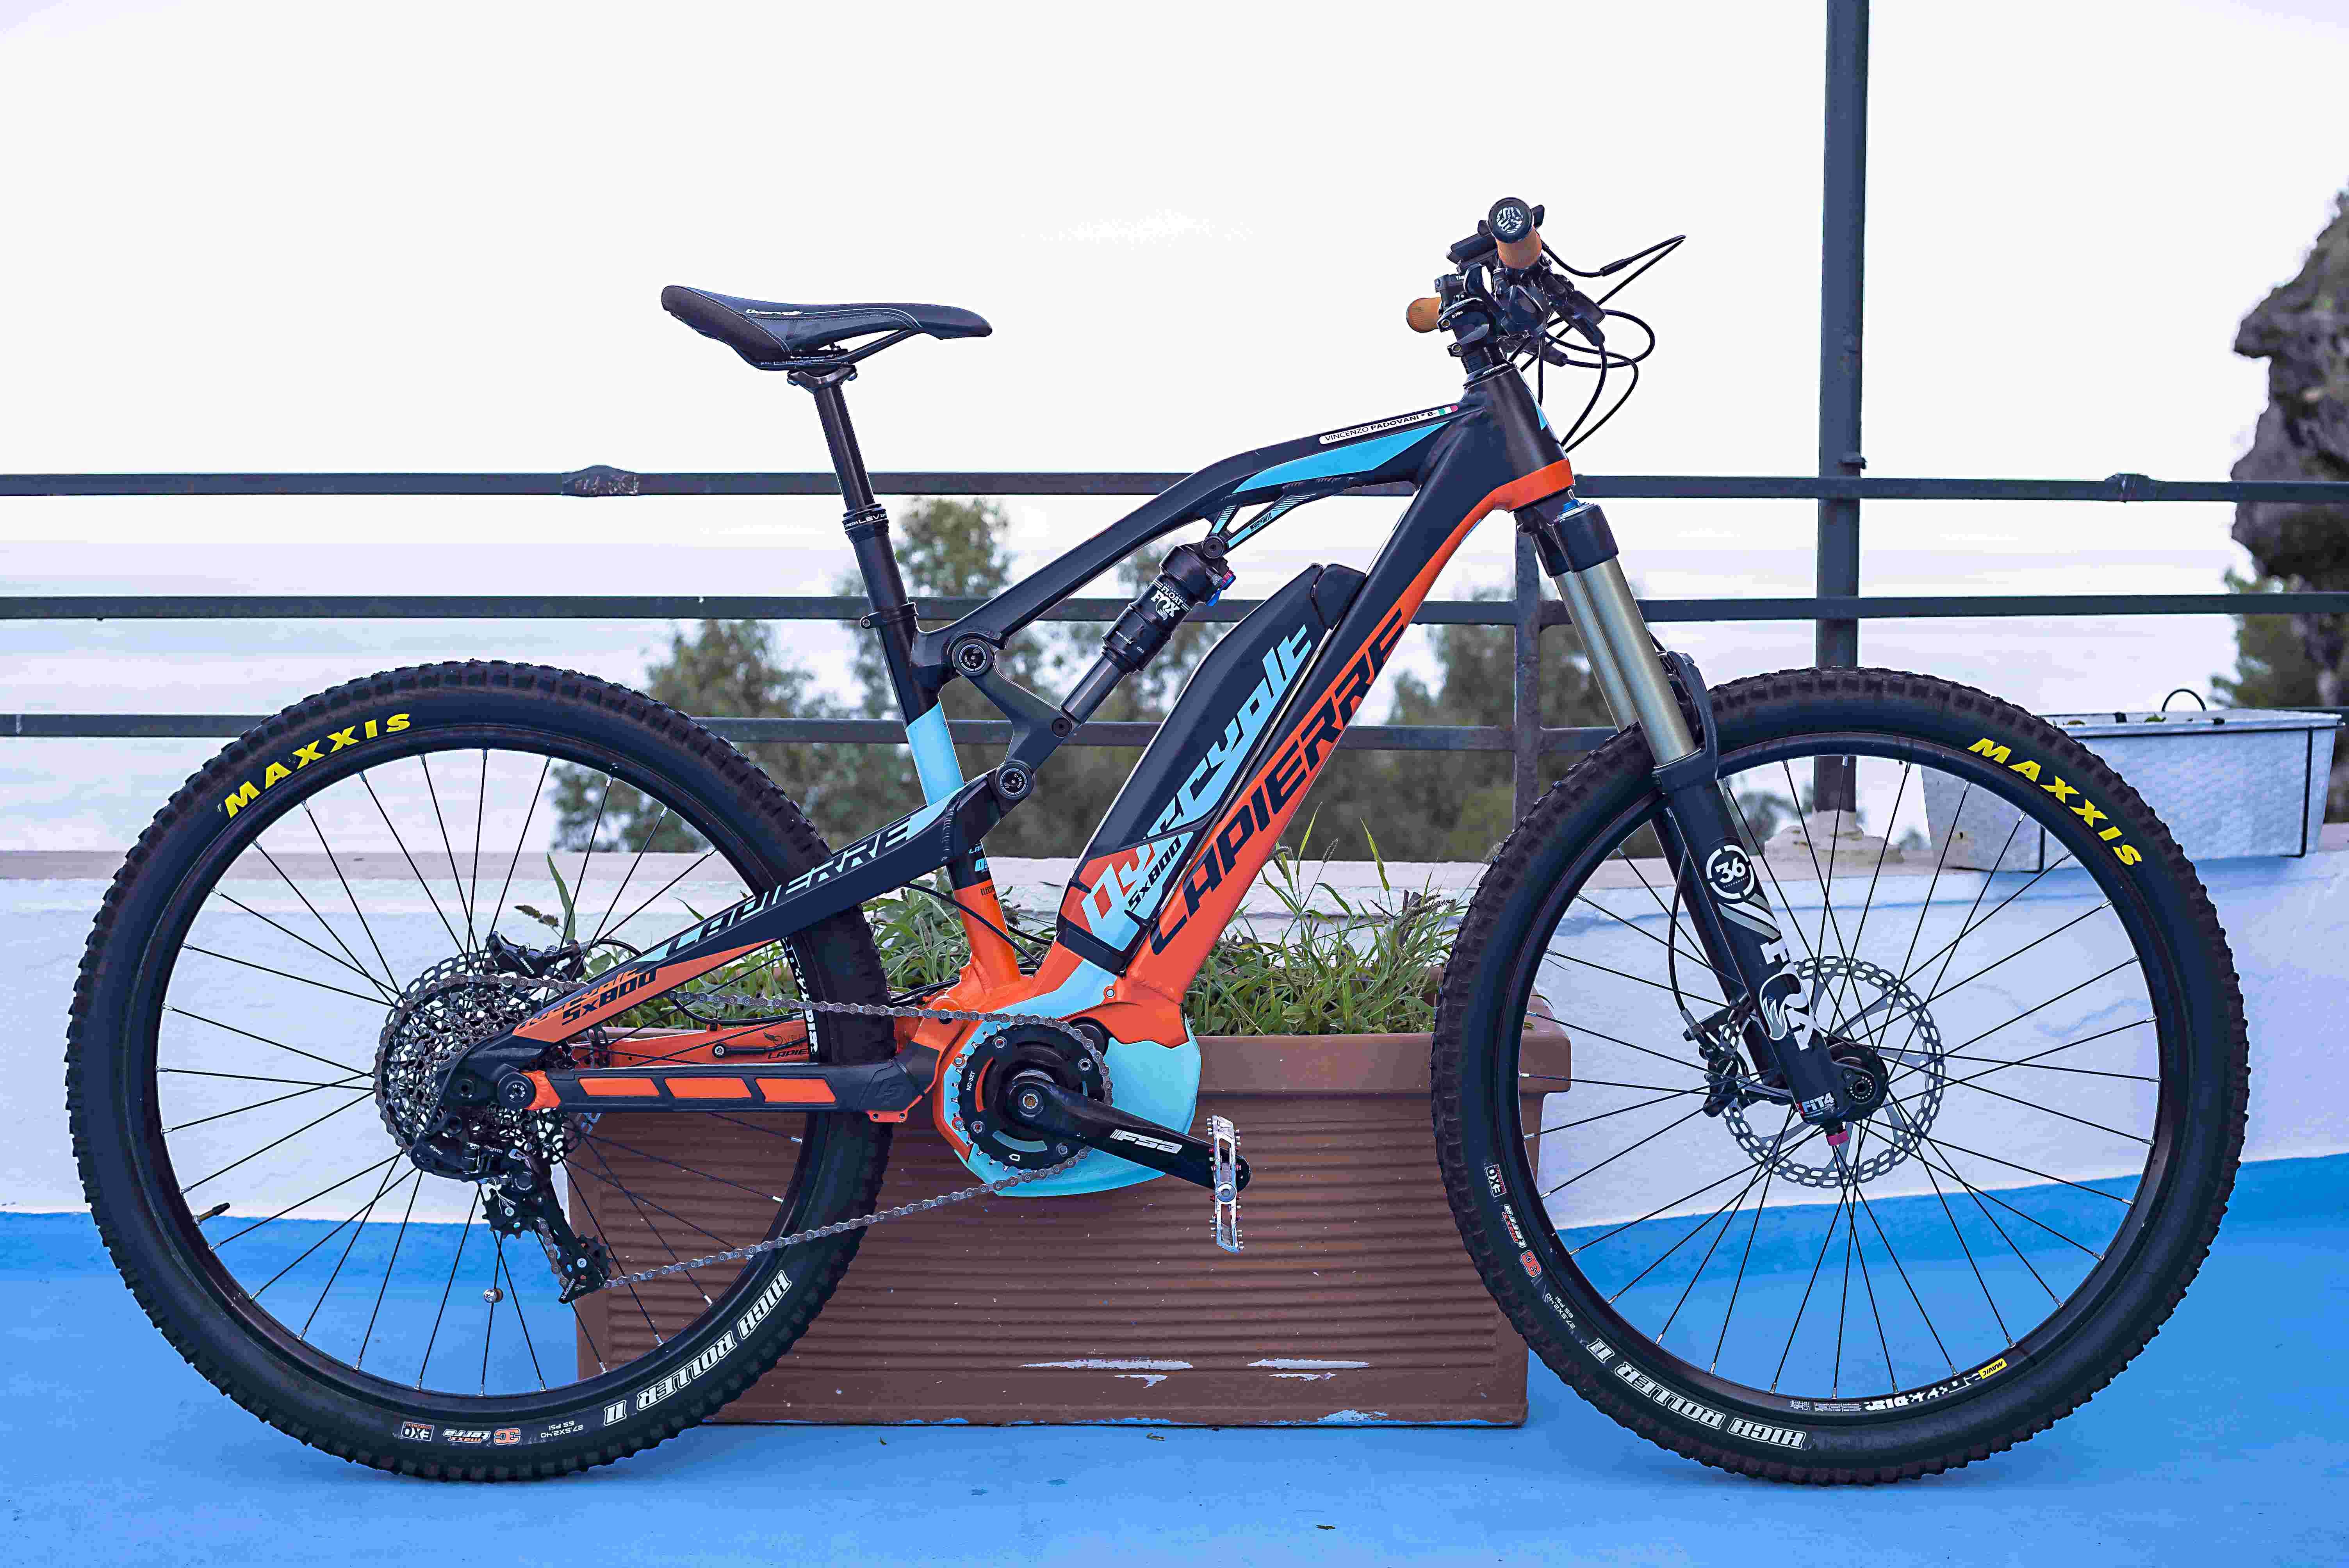 ad9508abc4d E-BIKE LAPIERRE OVERVOLT SX800 FULL - biciclette elettriche: annunci di  vendita